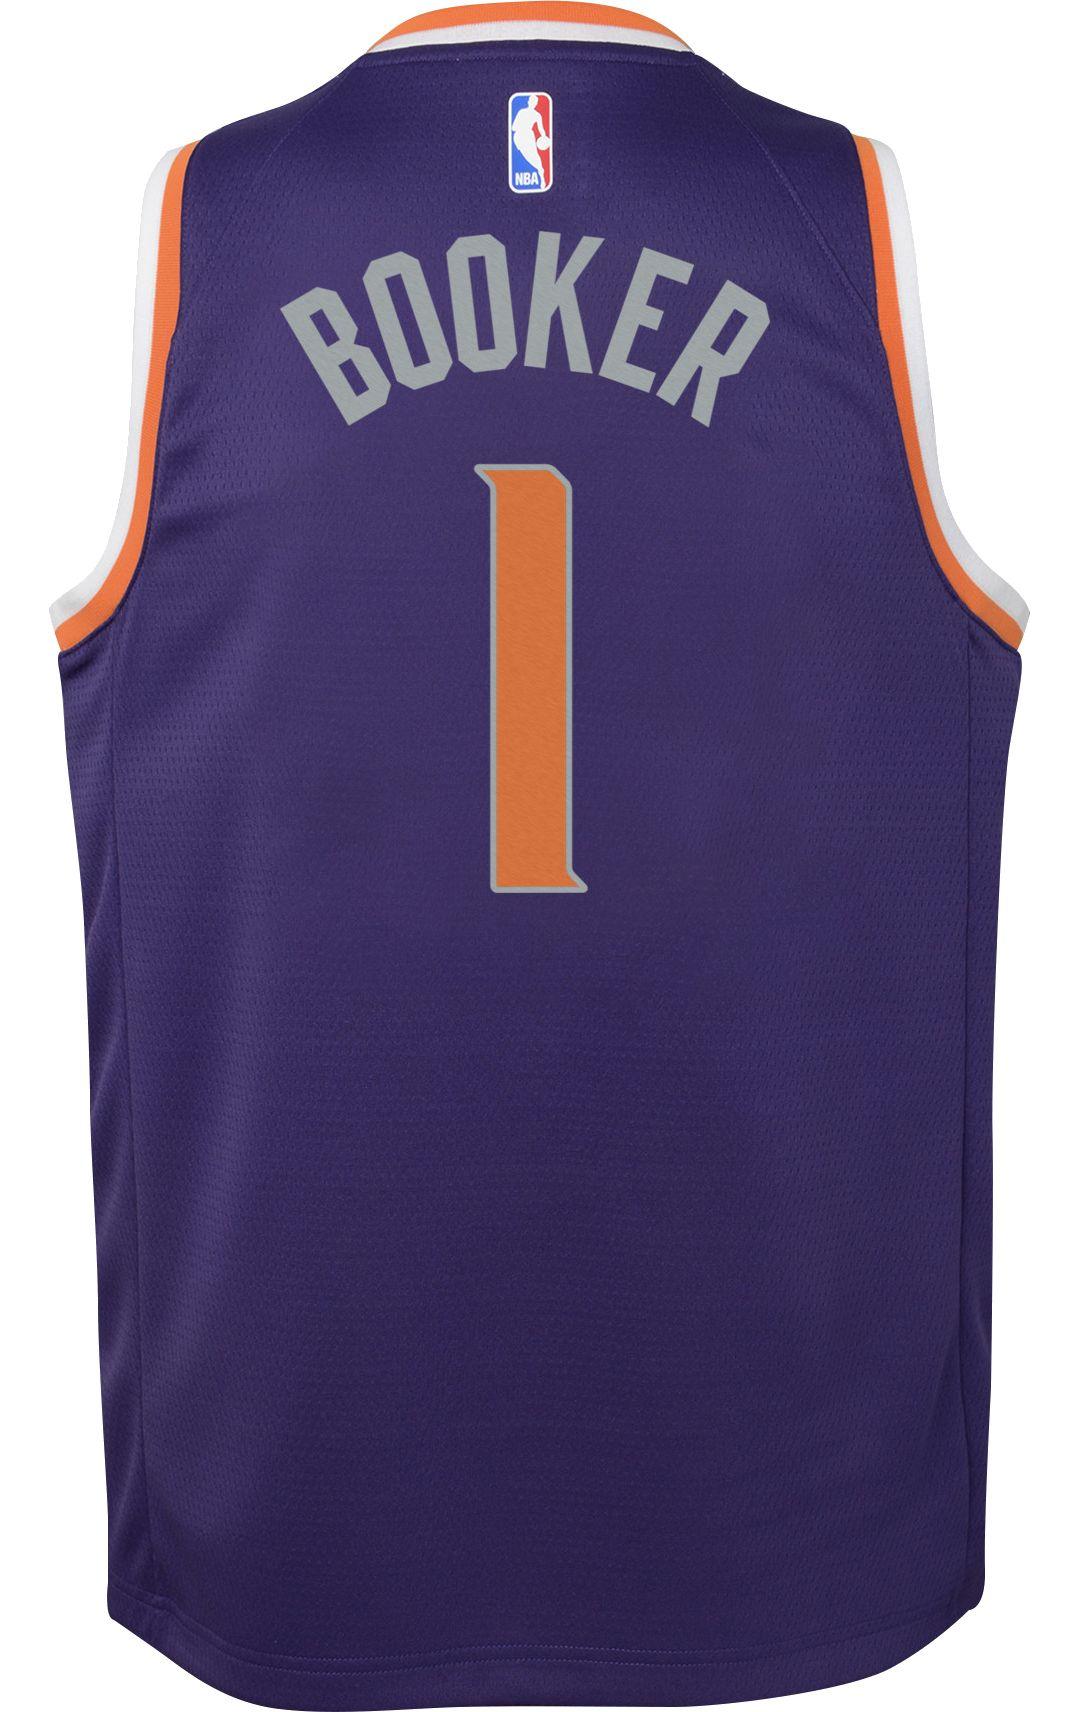 buy popular 8c025 6dadf Nike Youth Phoenix Suns Devin Booker #1 Purple Dri-FIT Swingman Jersey